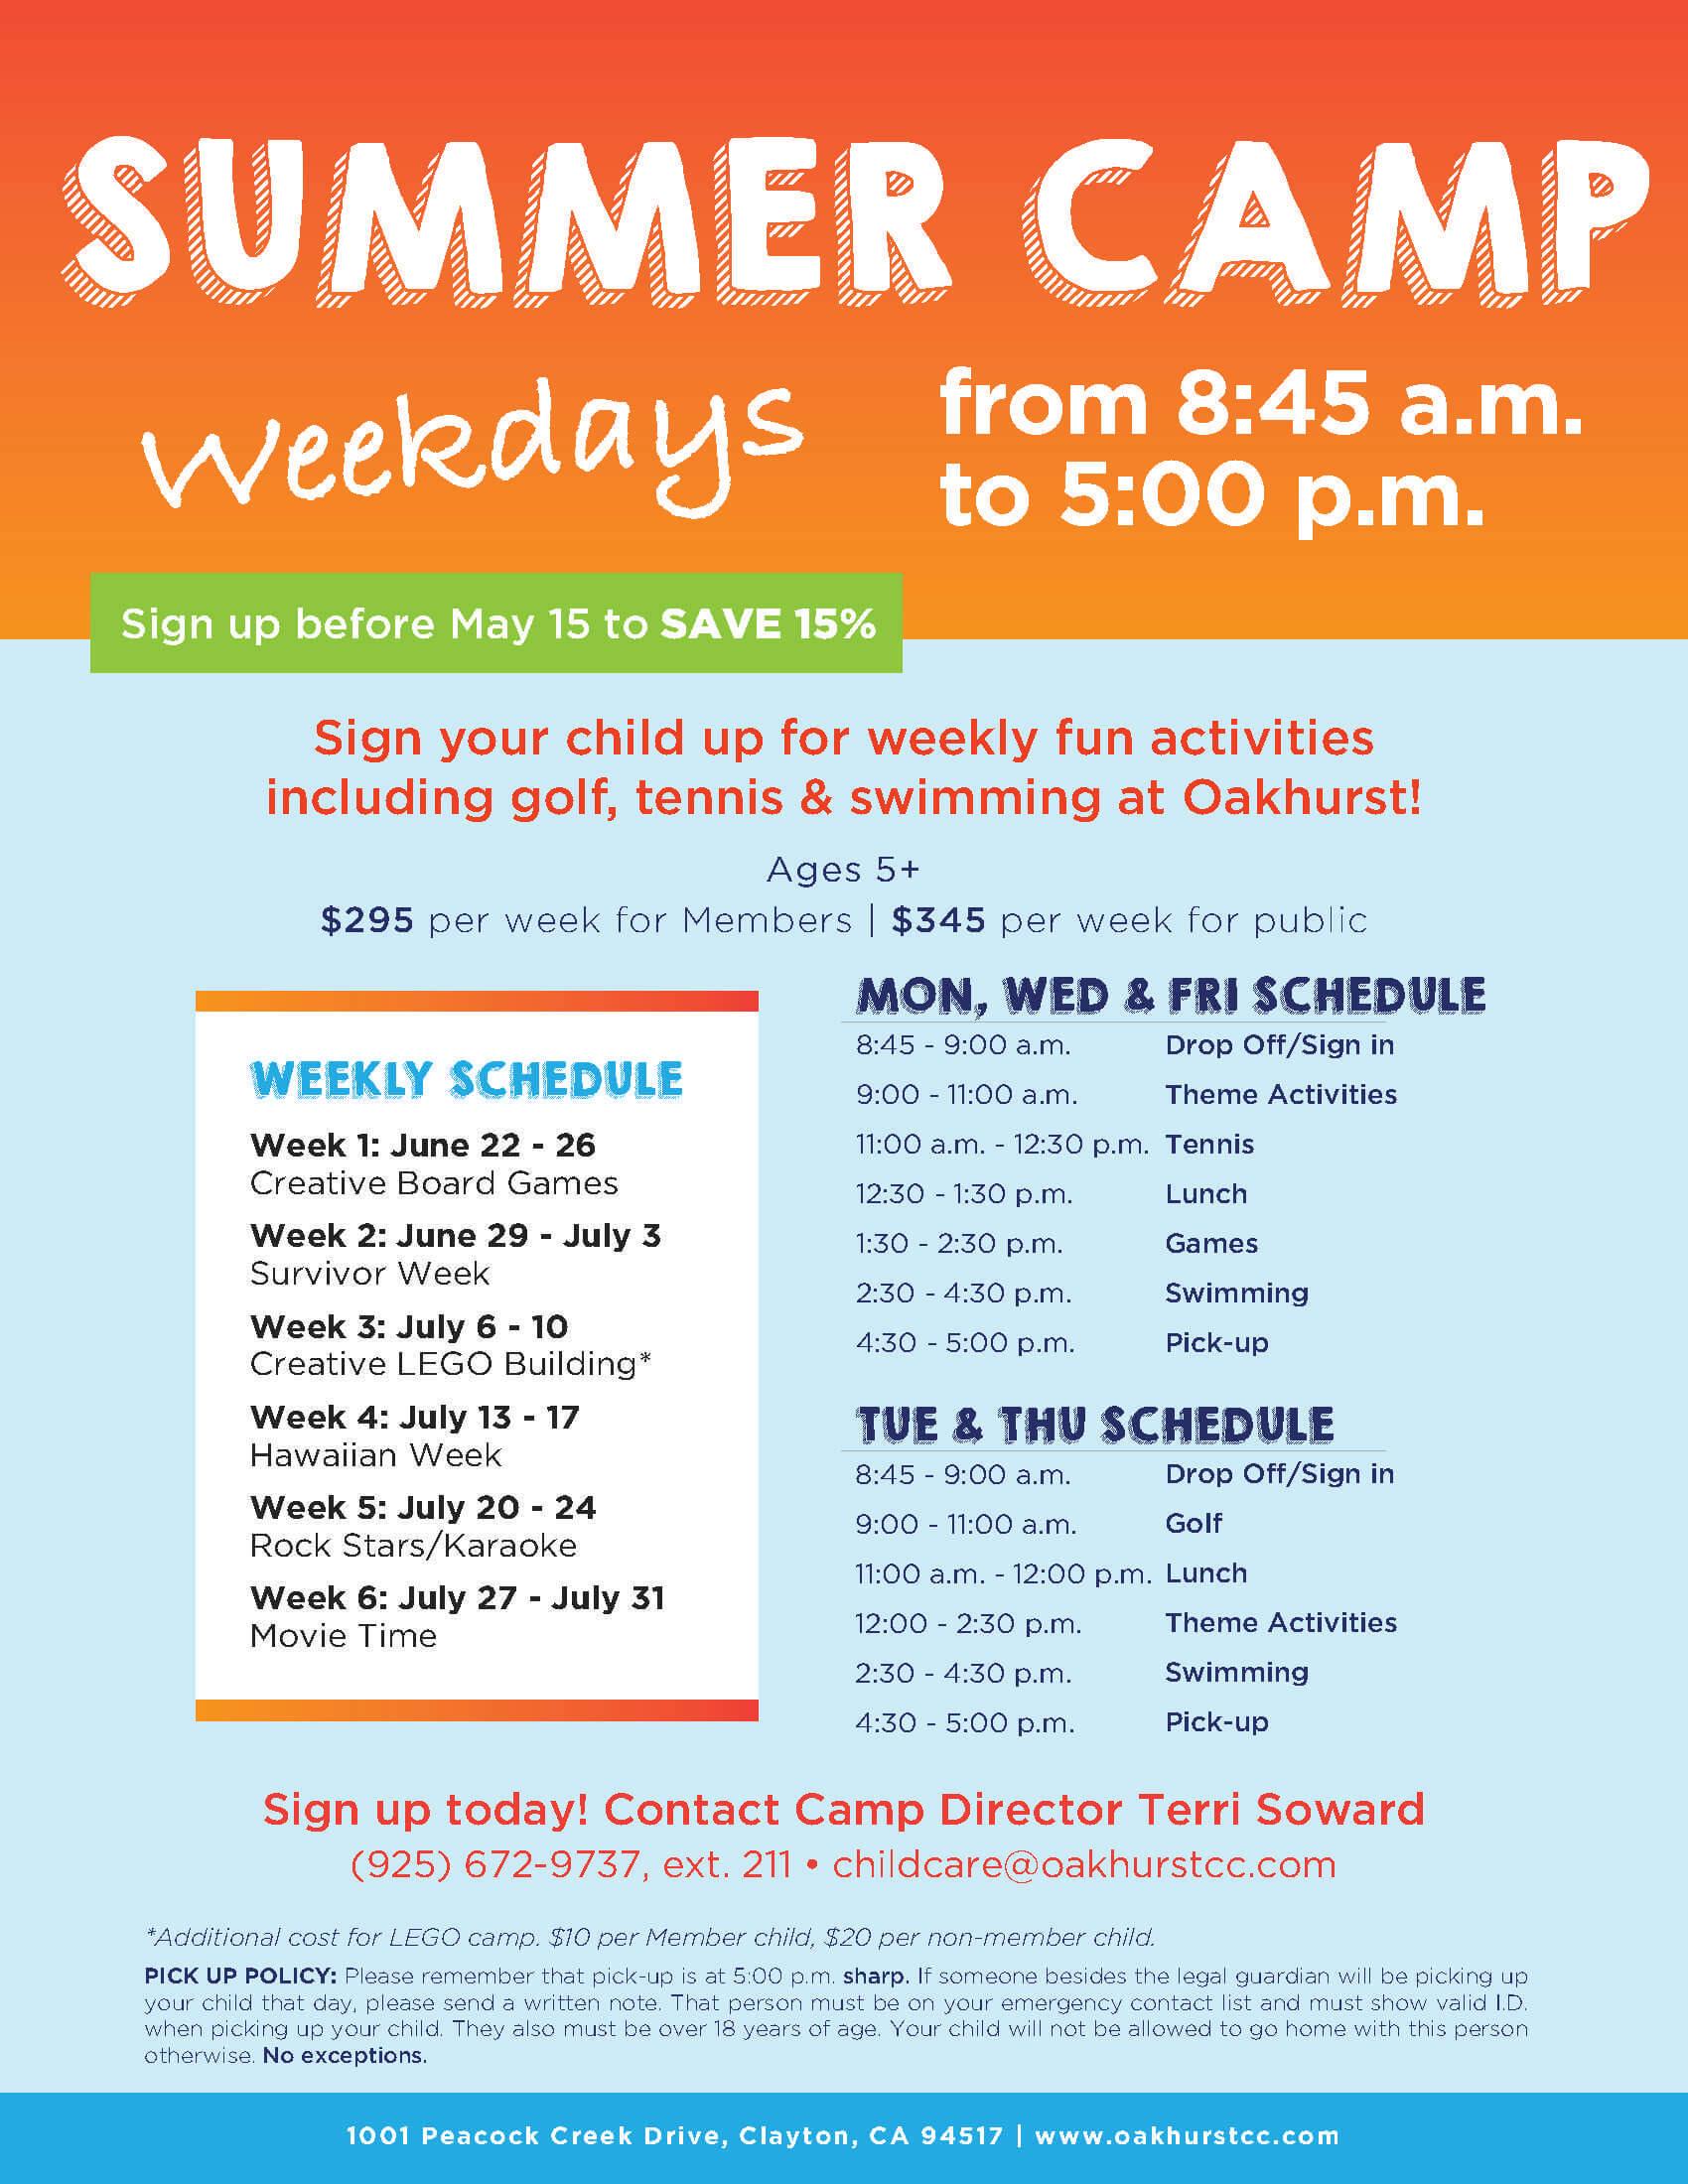 Oakhurst Summer Camp Flyer Template   Best Summer Camps inside Summer Camp Brochure Template Free Download